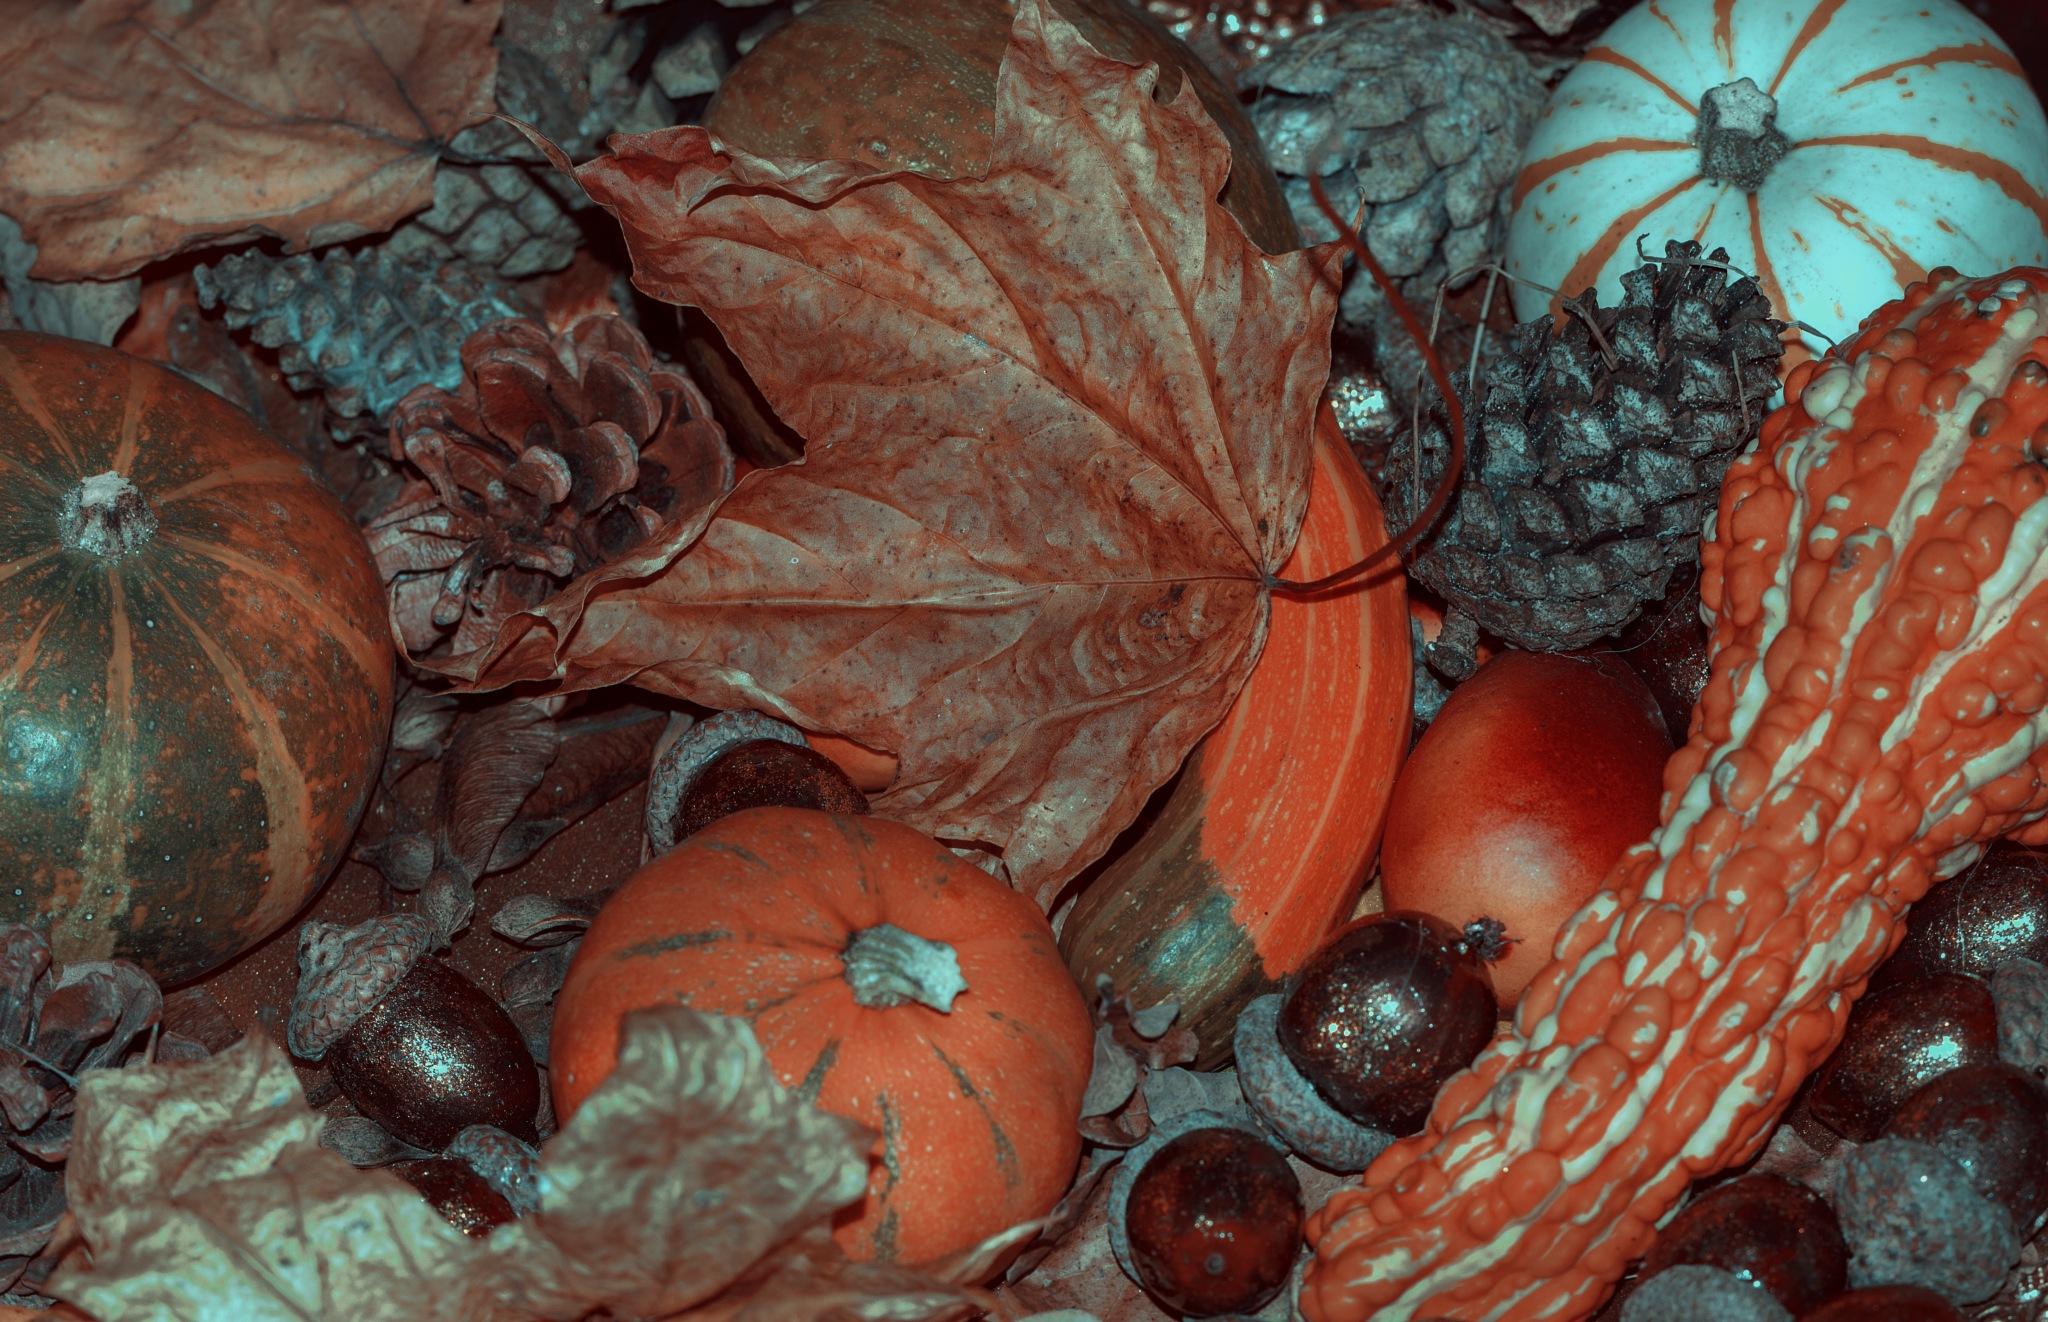 Autumn,s vinaigrette by Elena Krauze